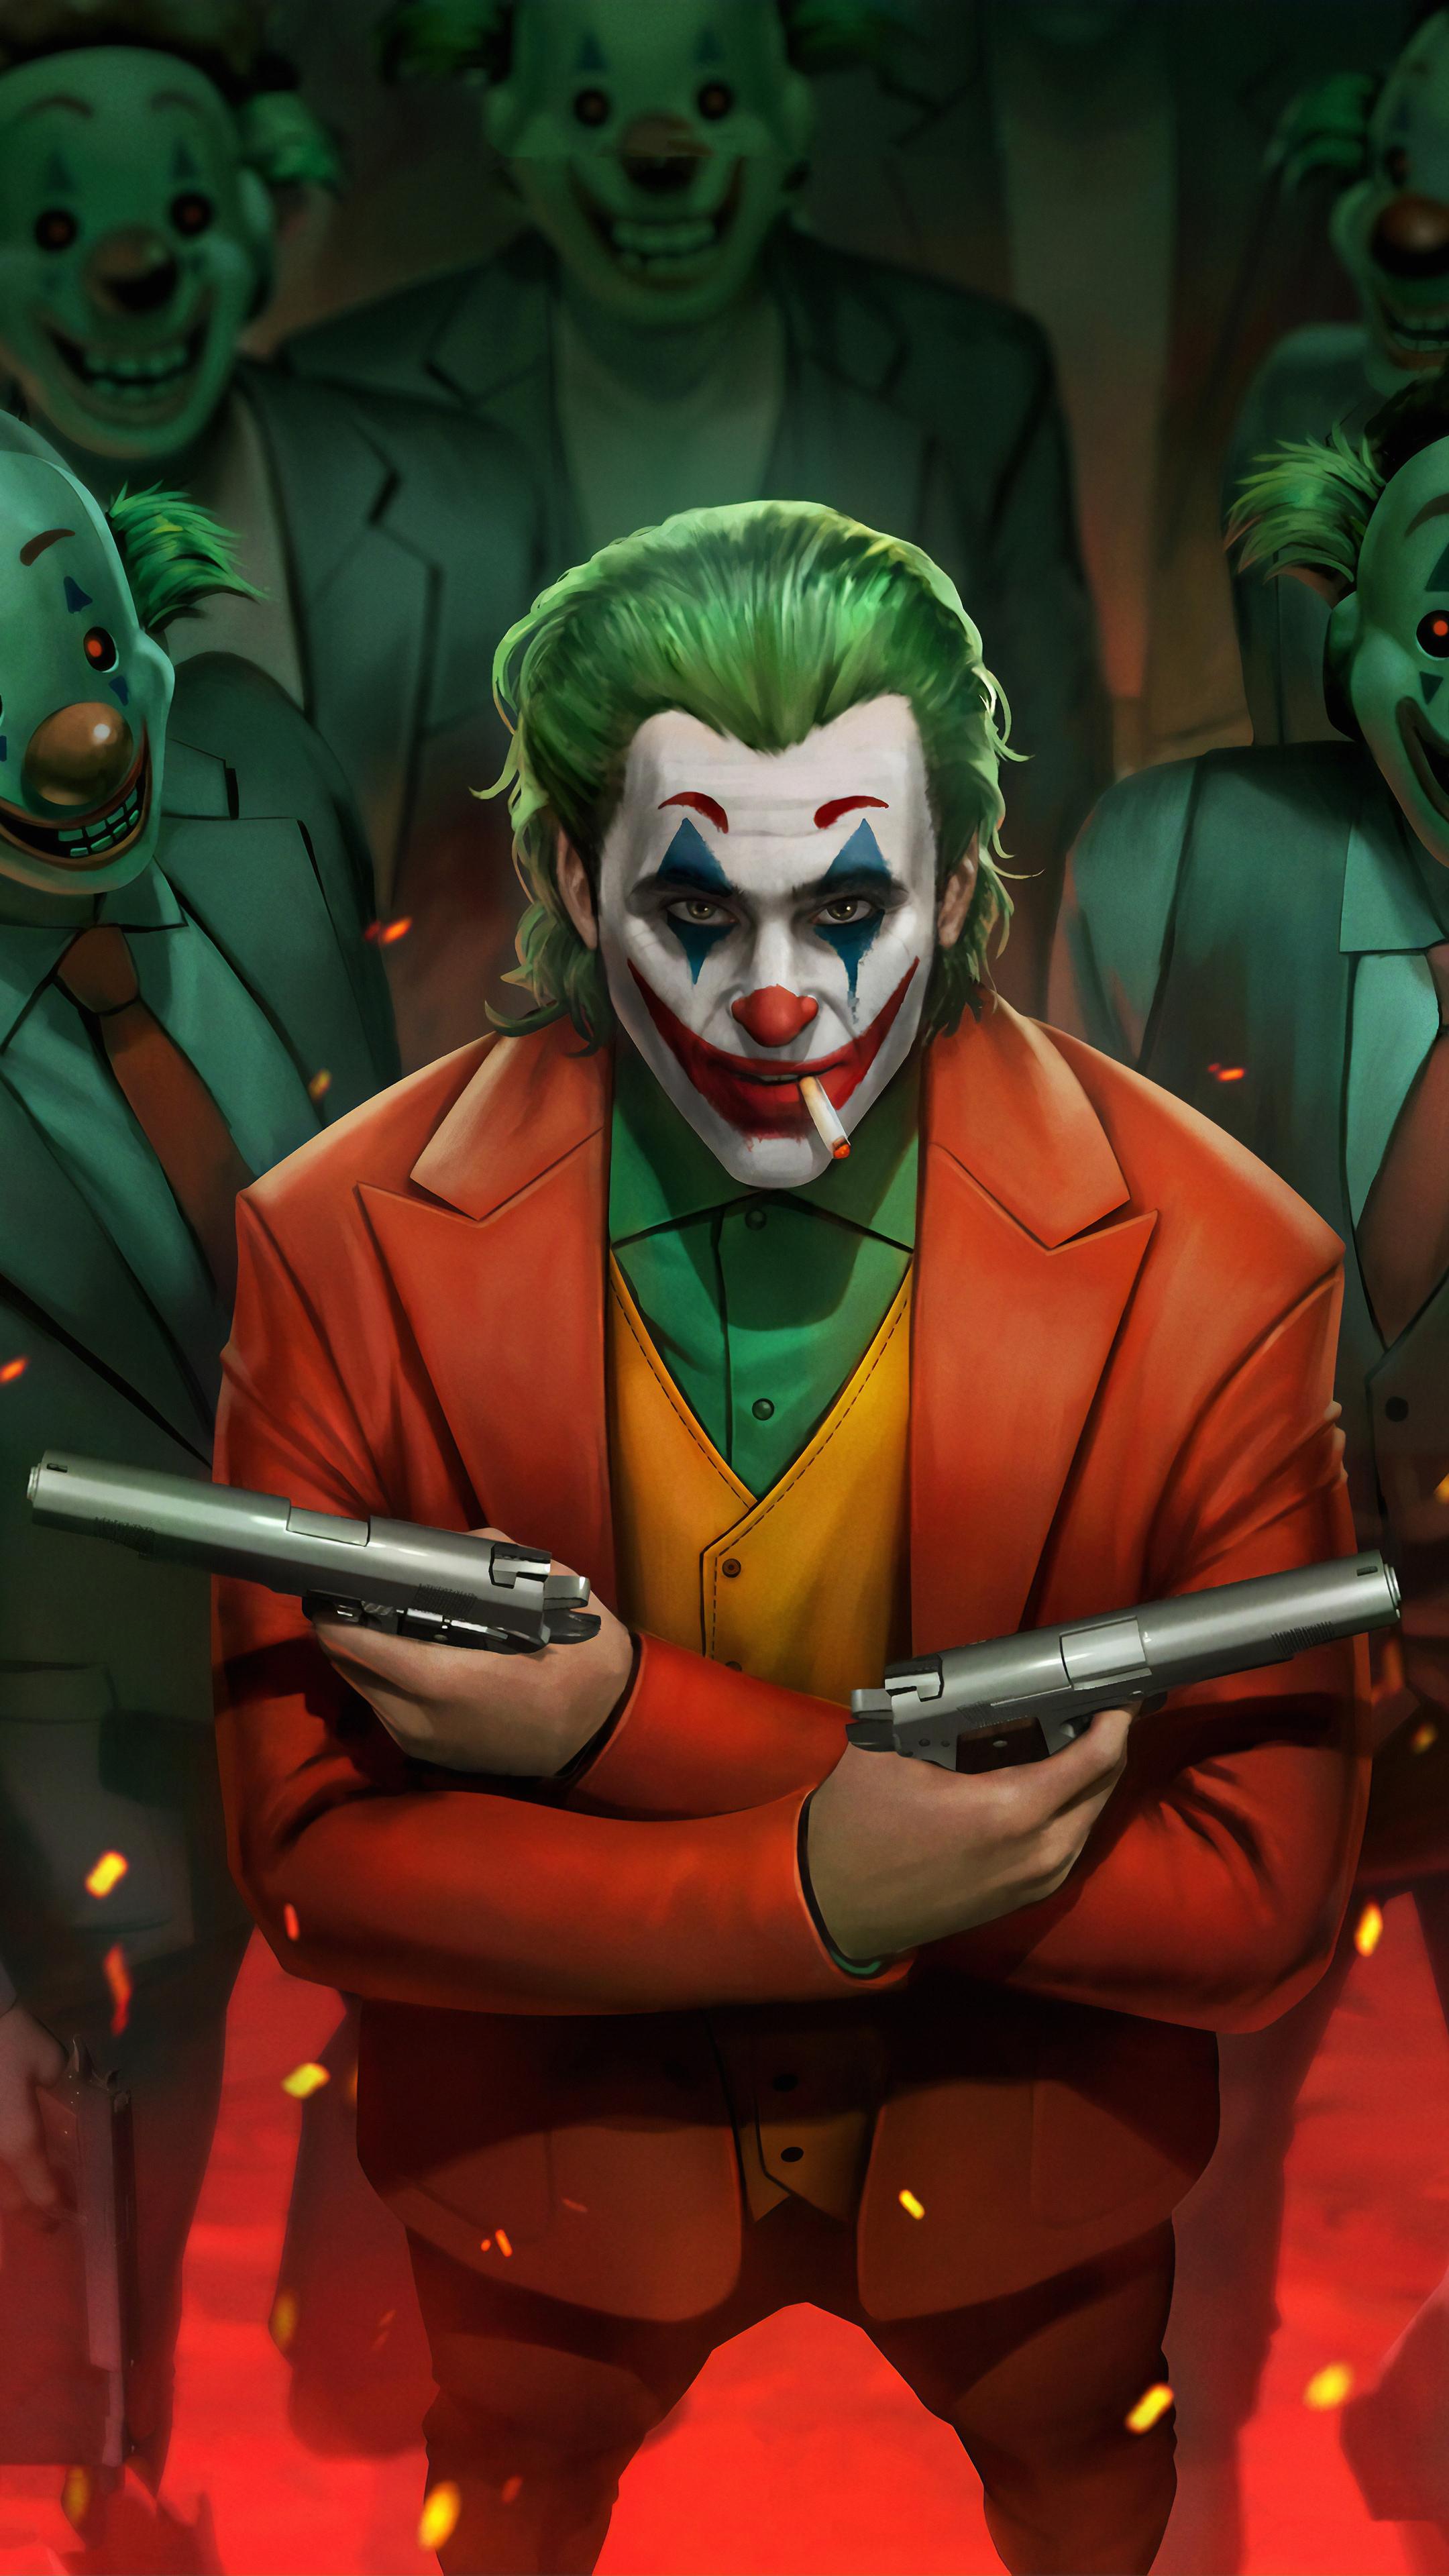 joker-movie-art-4k-po.jpg